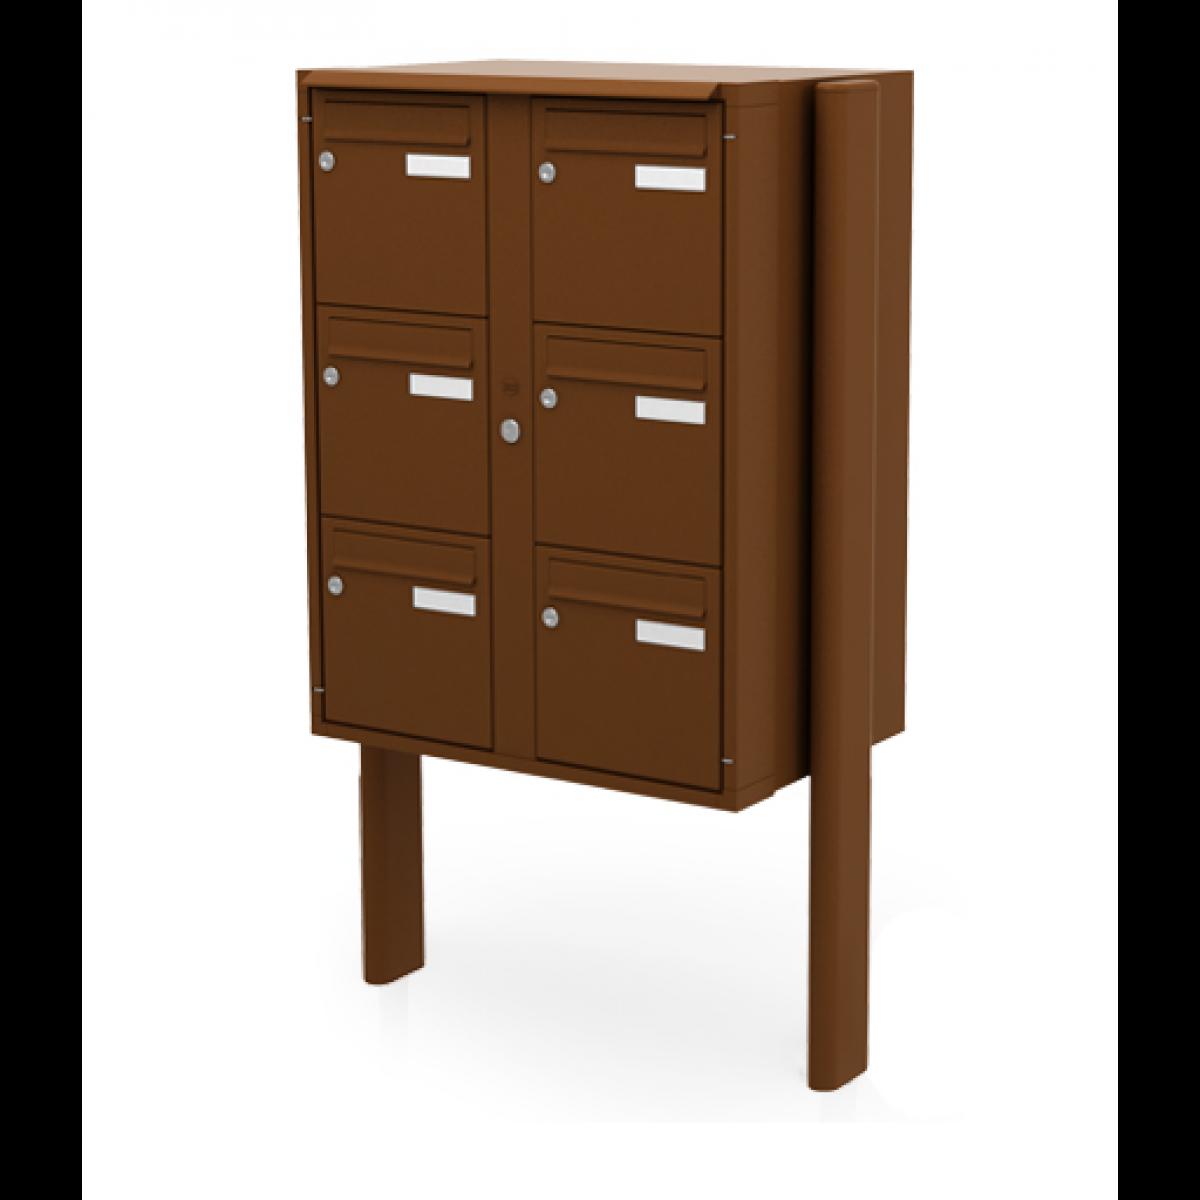 boite aux lettres classica pietement lat ral ext rieur renz. Black Bedroom Furniture Sets. Home Design Ideas